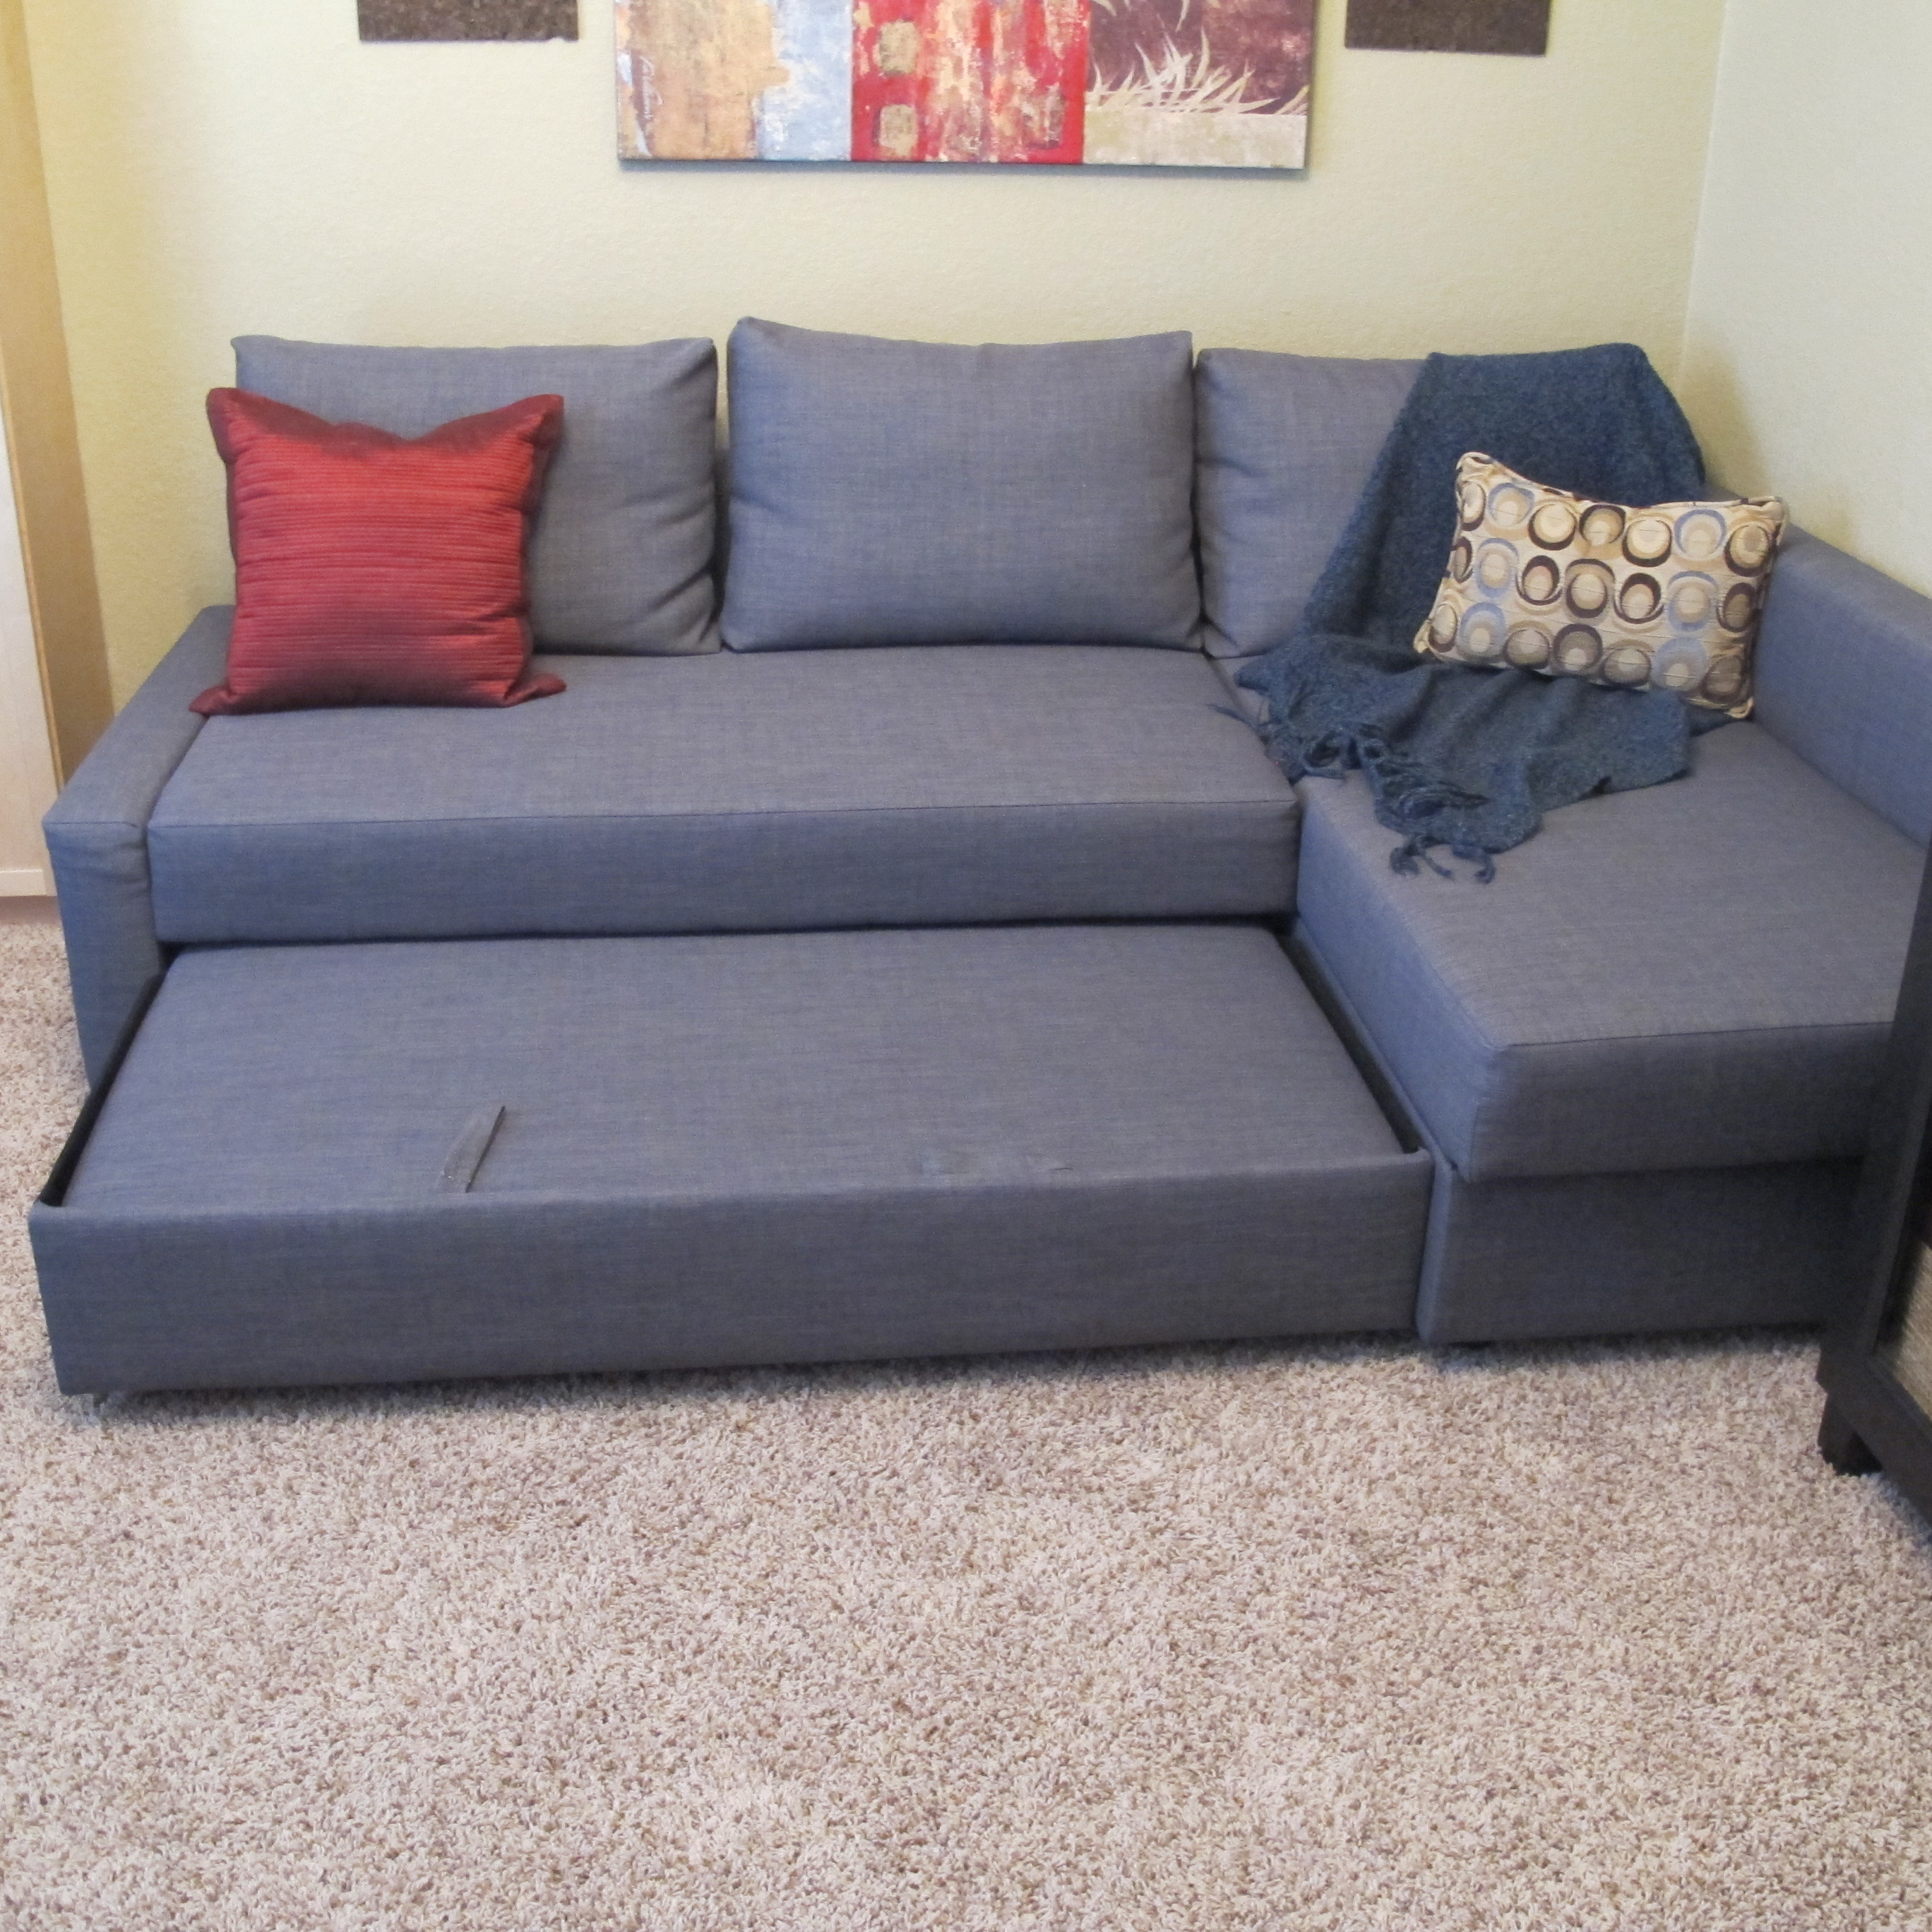 Sofa Operation Home